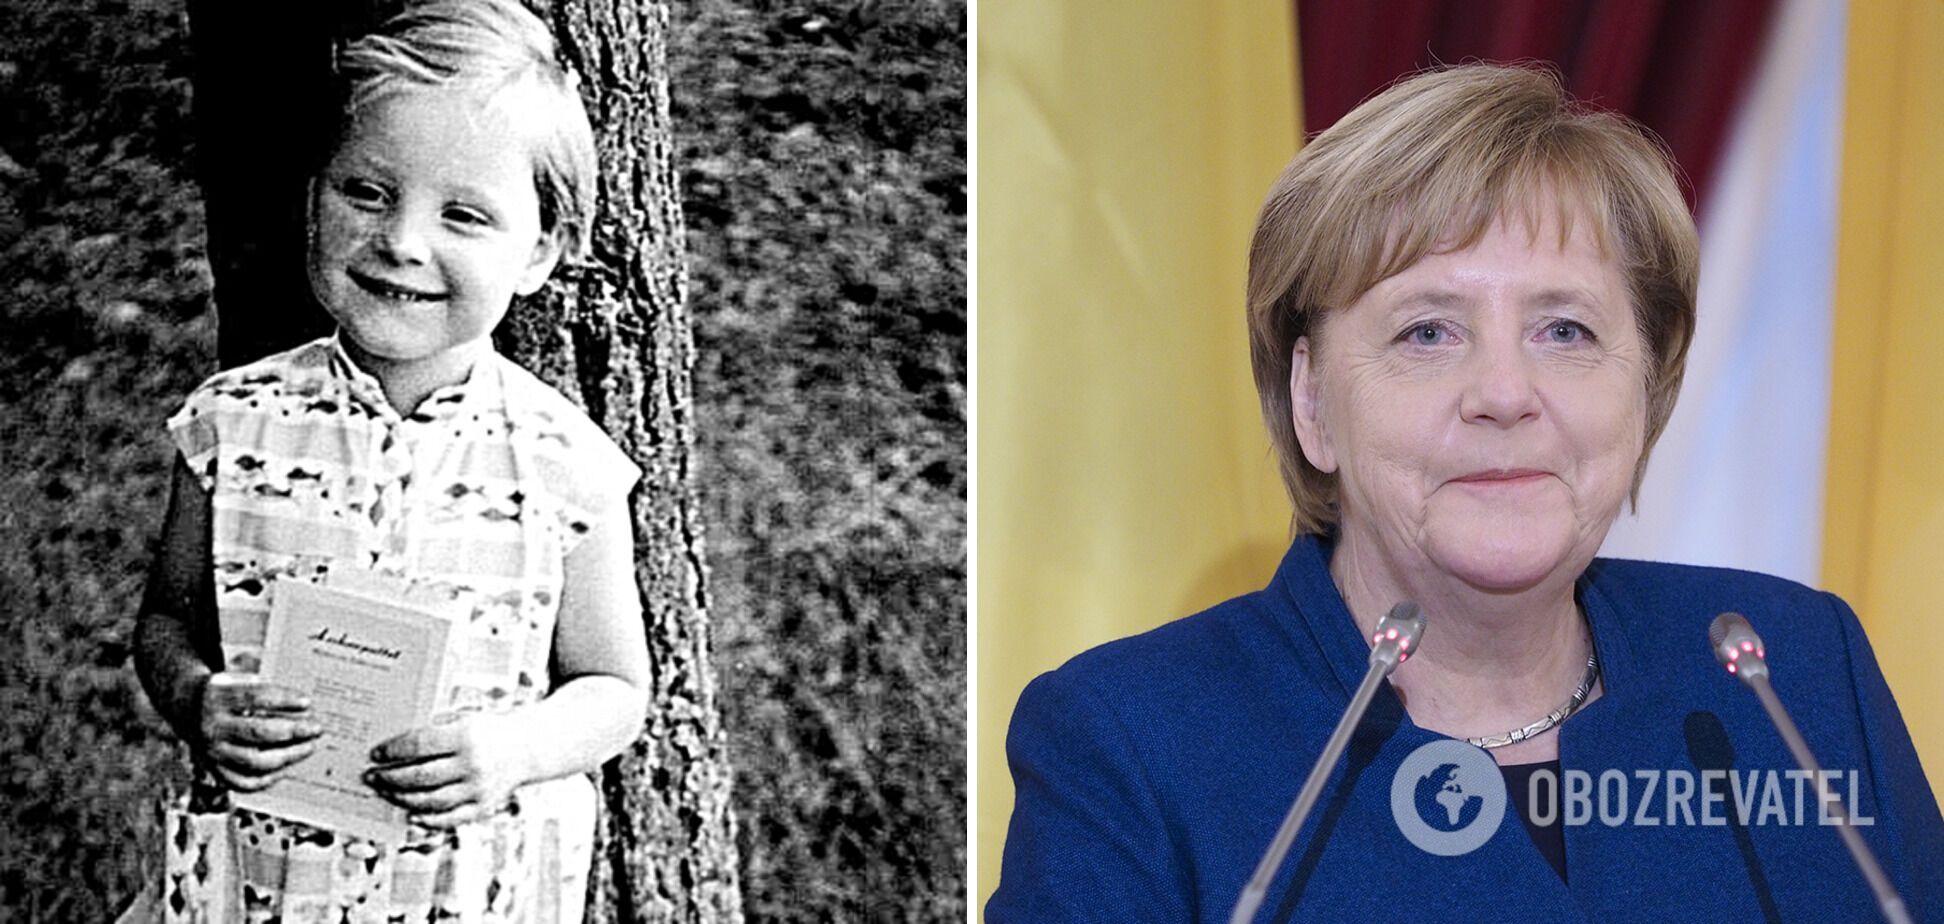 Ангела Меркель школу закінчила на відмінно.